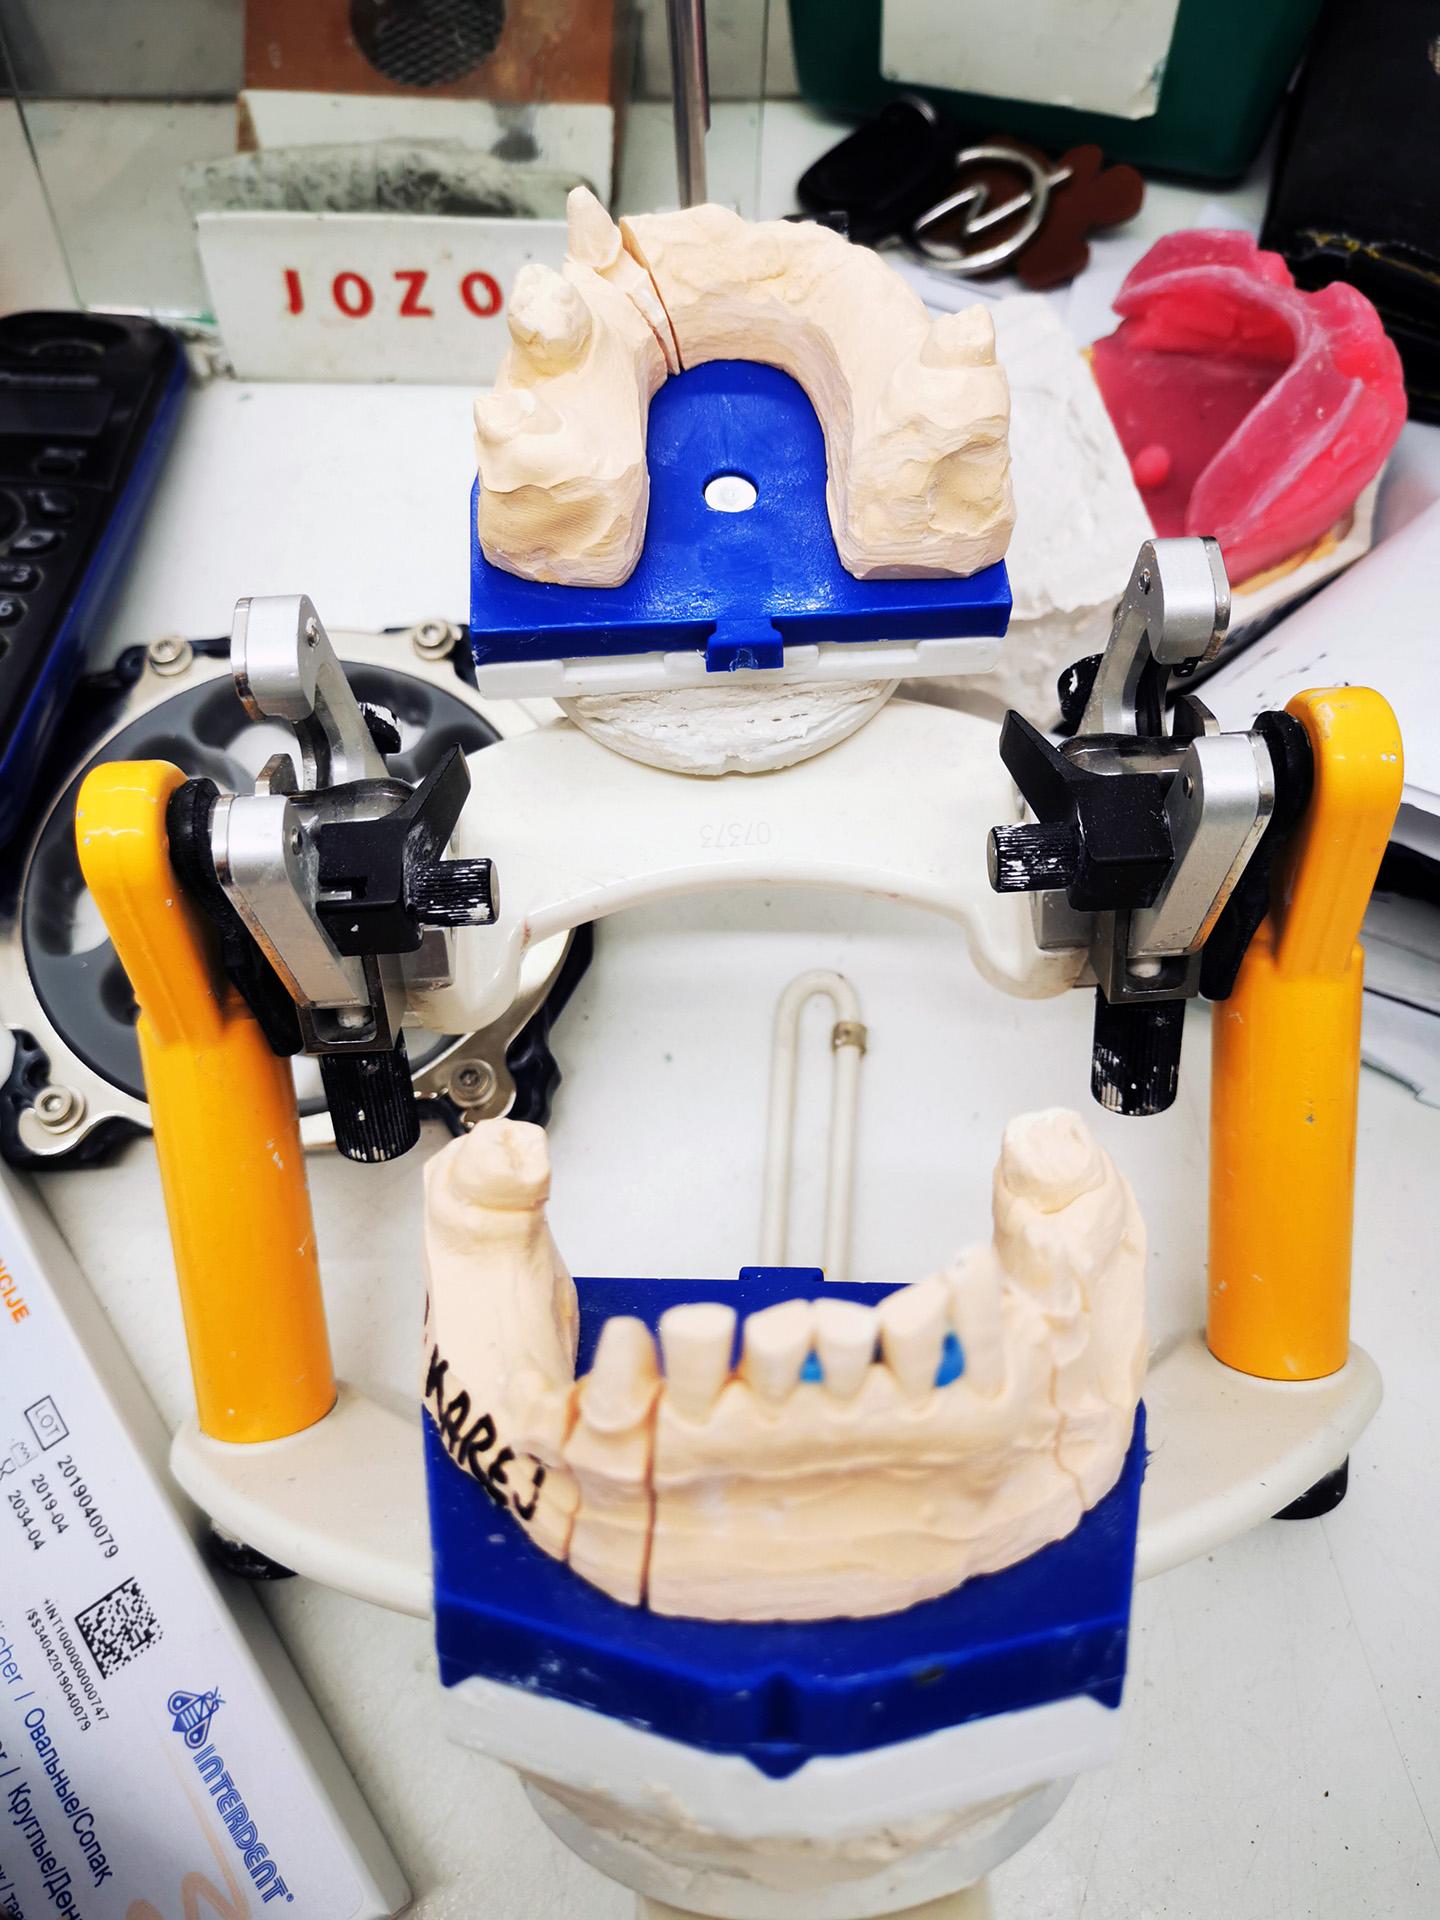 Zahnlabor